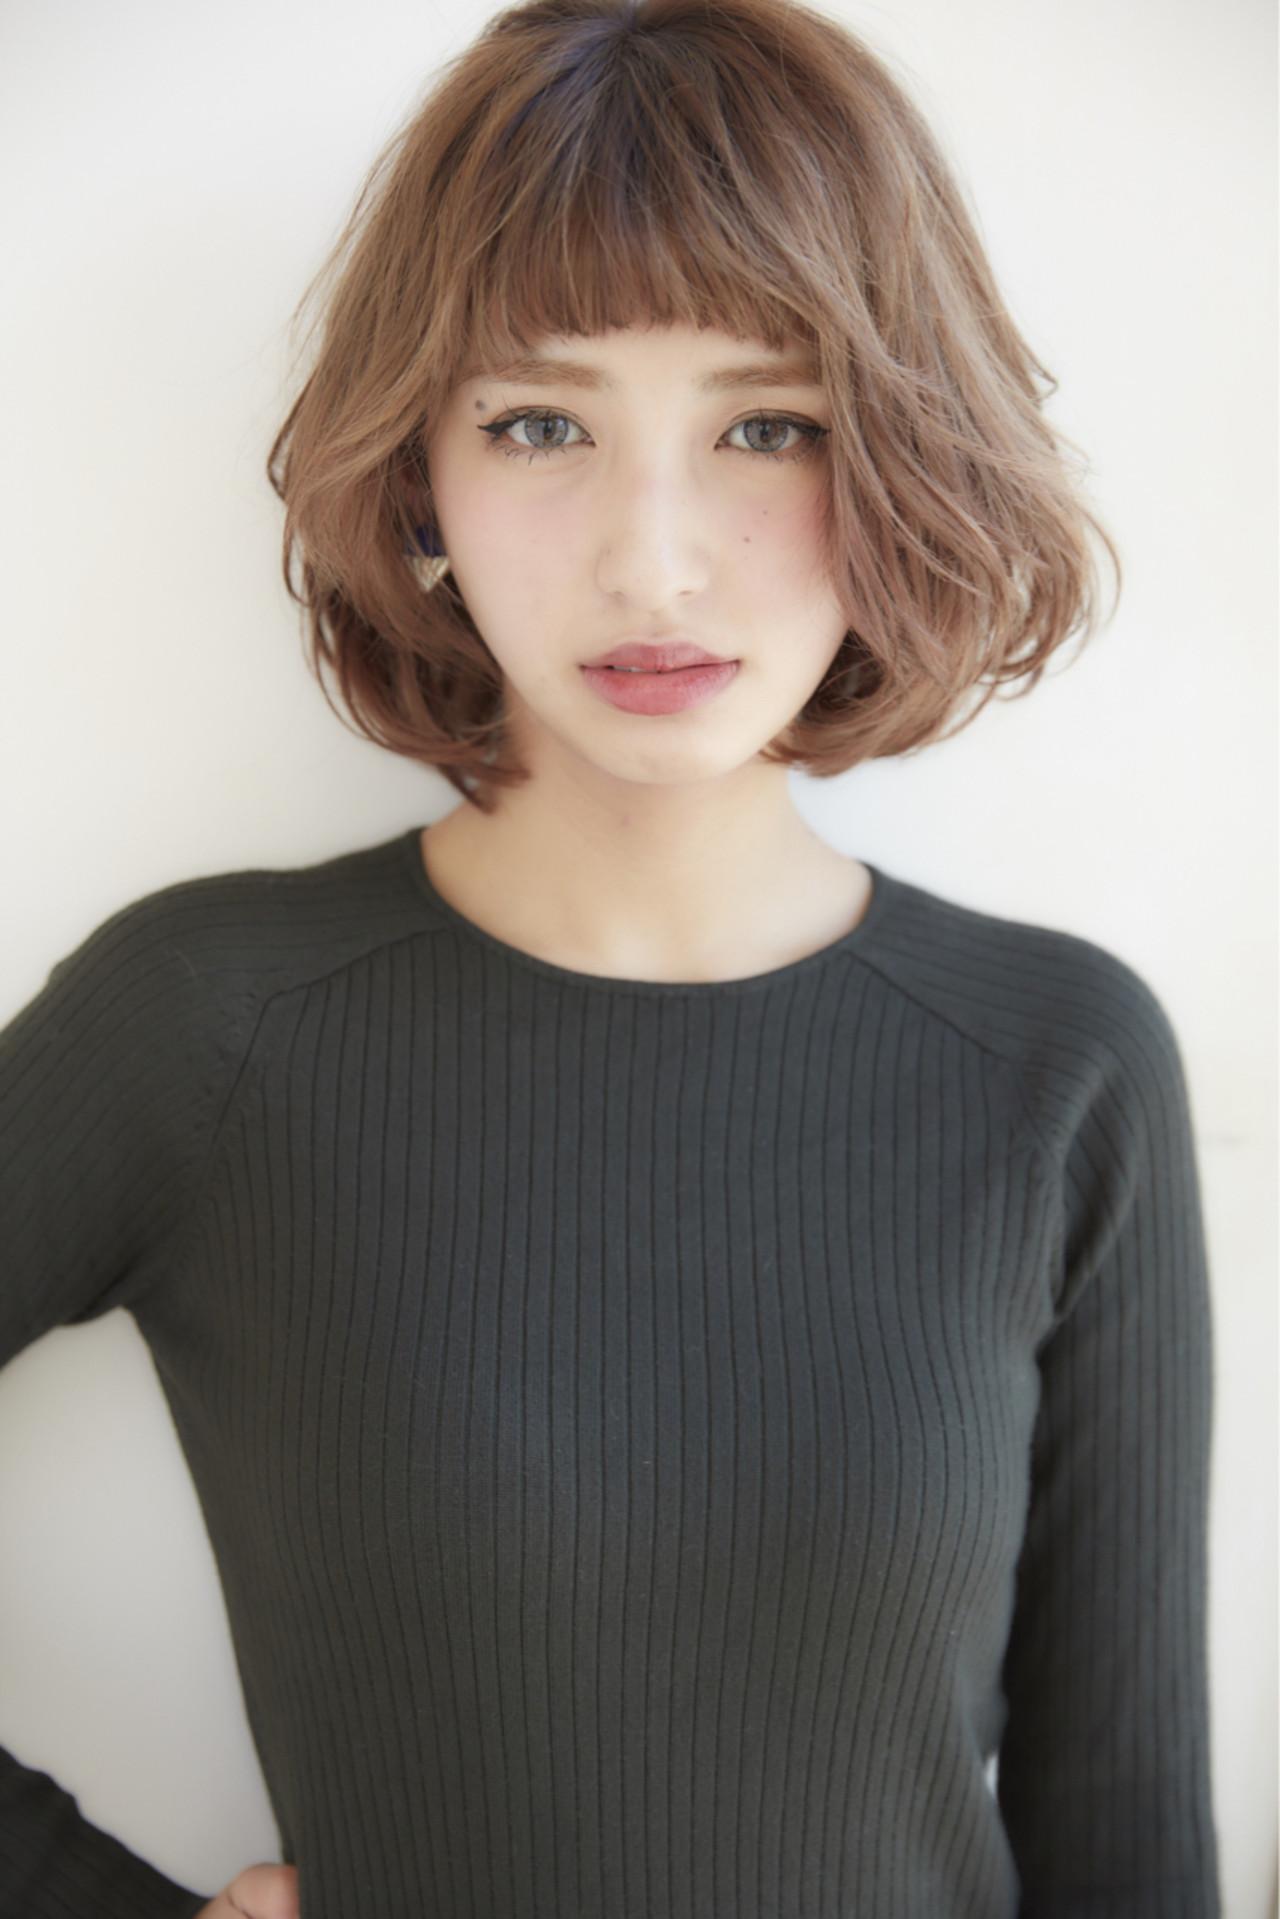 大人気のボブスタイルです☆ よかったらご参考ください(*^^*)